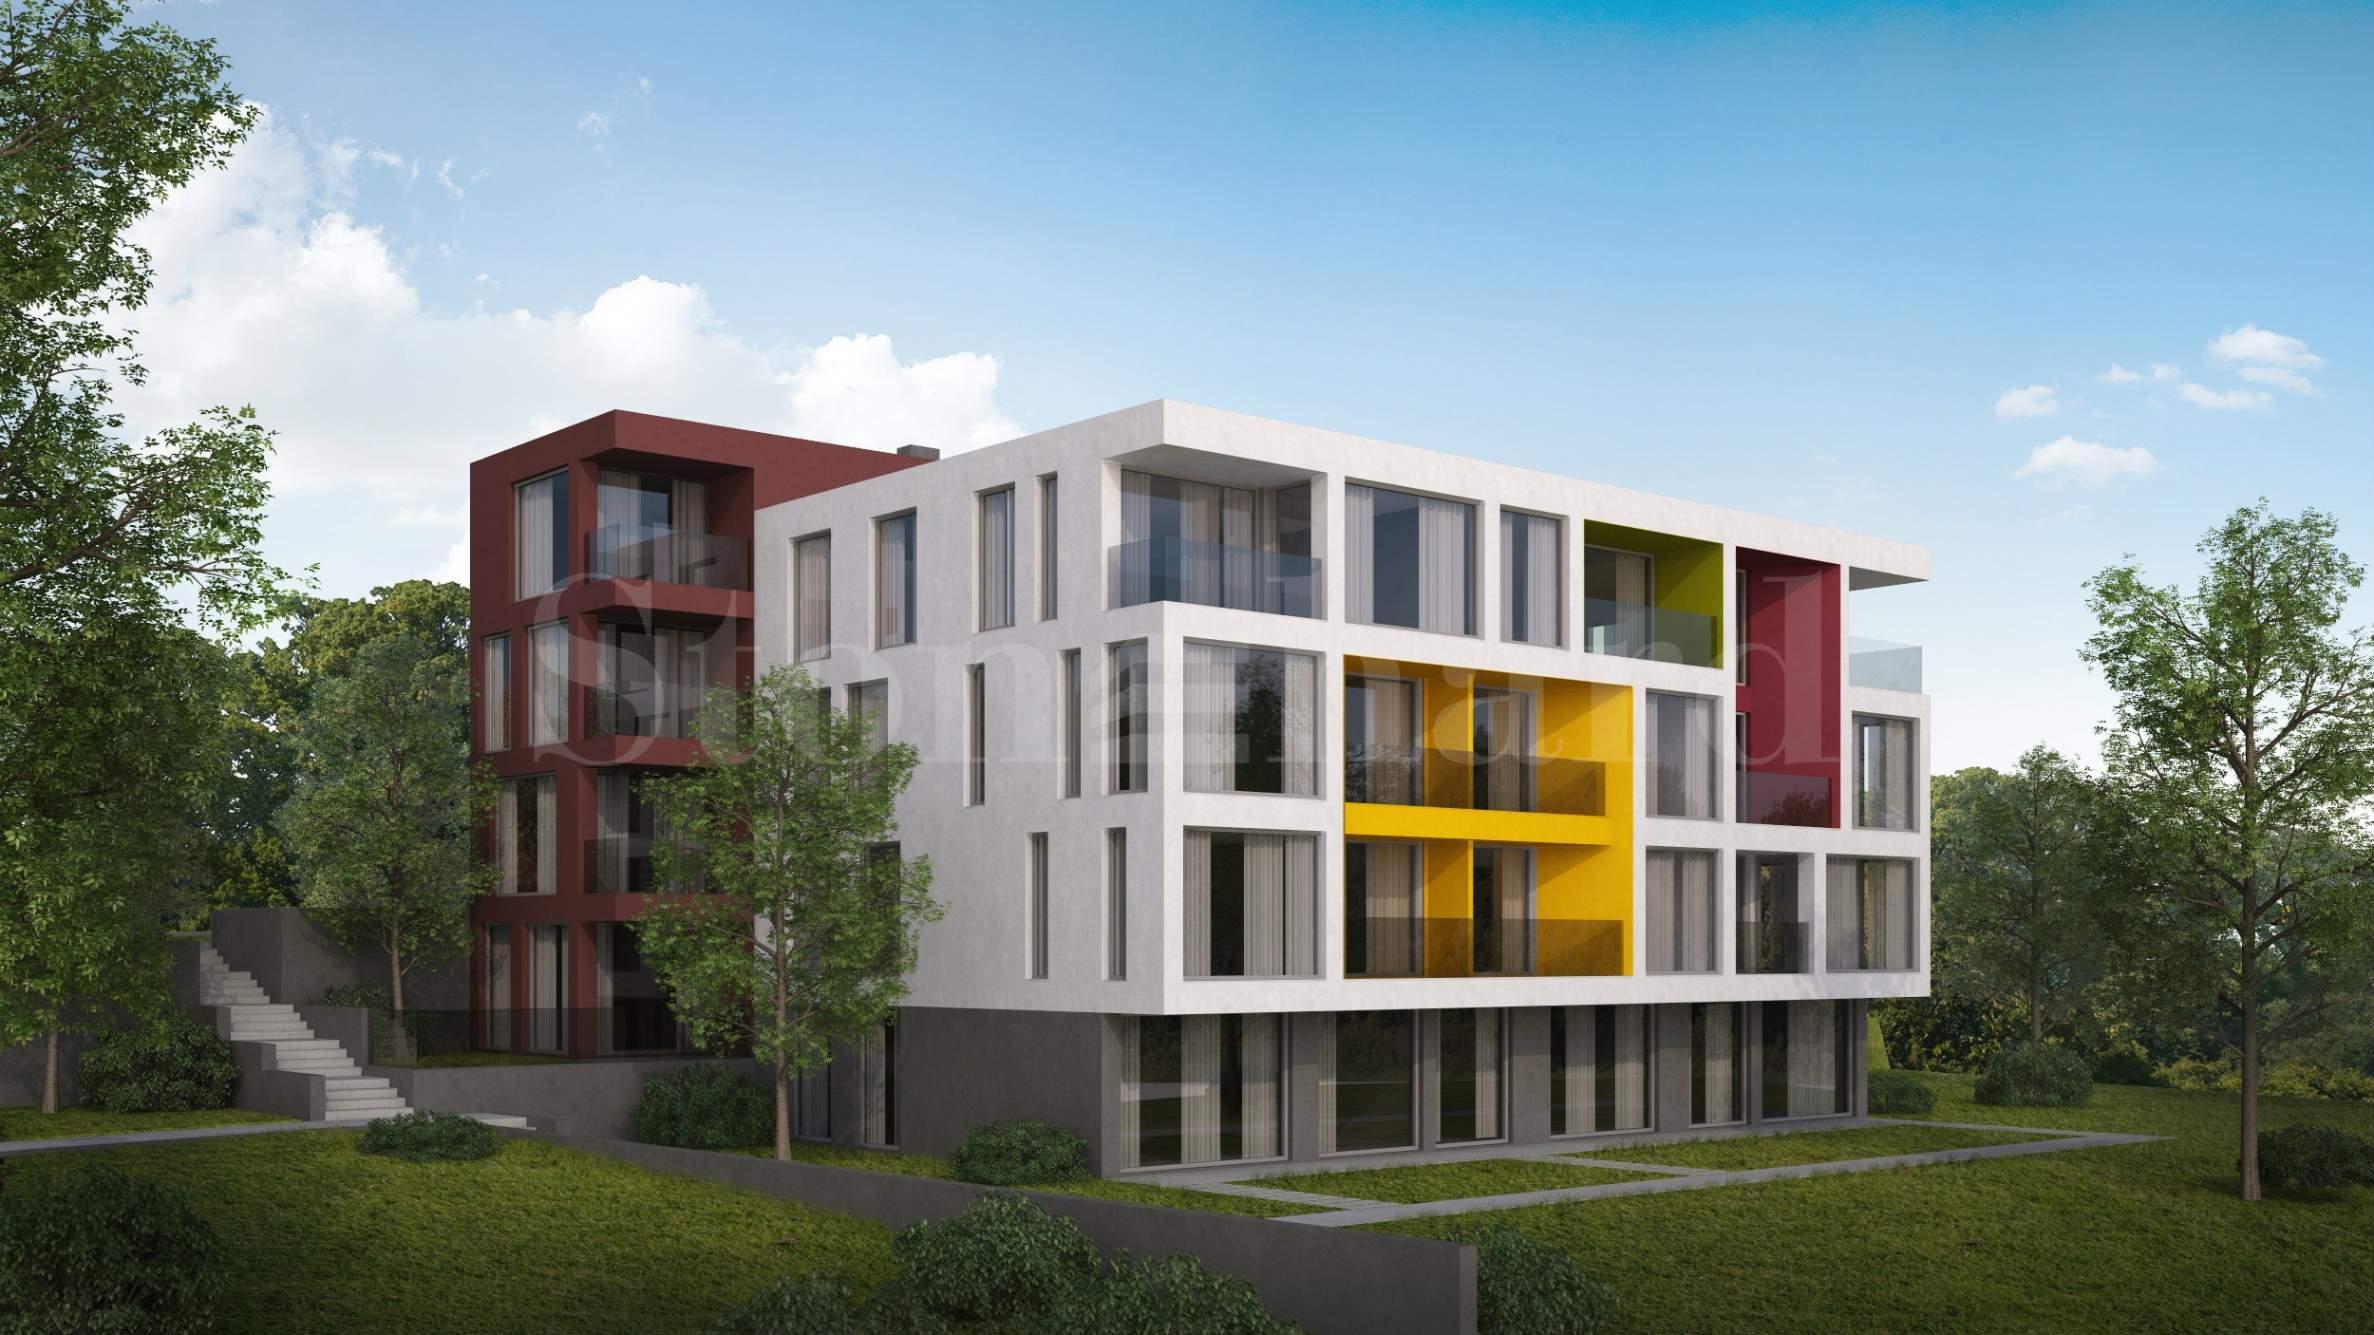 Aпартаменти с отлична локация и морска панорама в кв. Траката1 - Stonehard